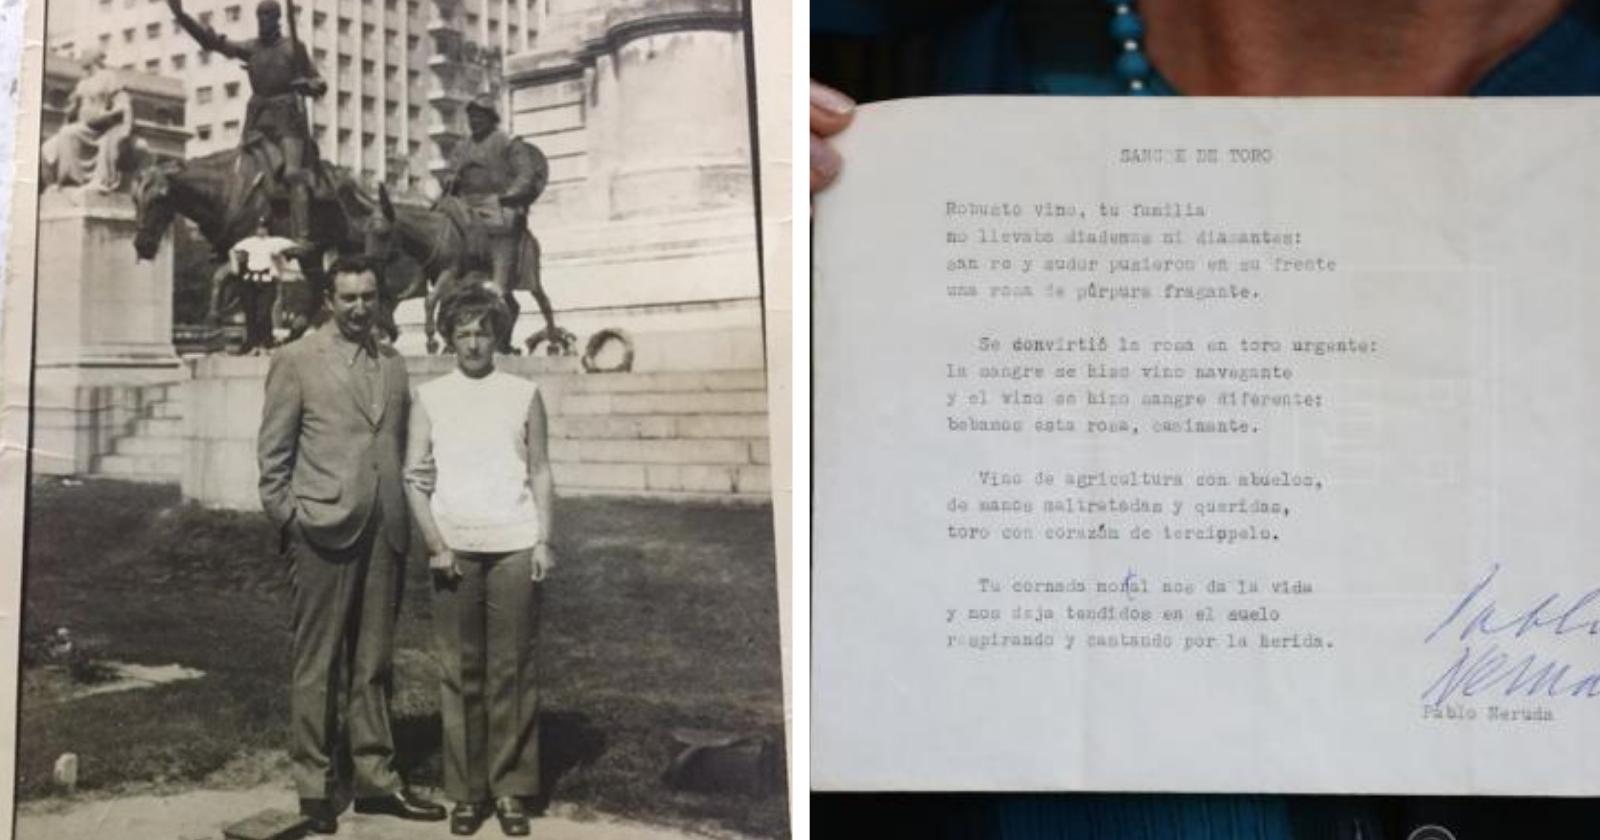 Soneto ORIGINAL de Pablo Neruda é reencontrado 47 anos após sua morte